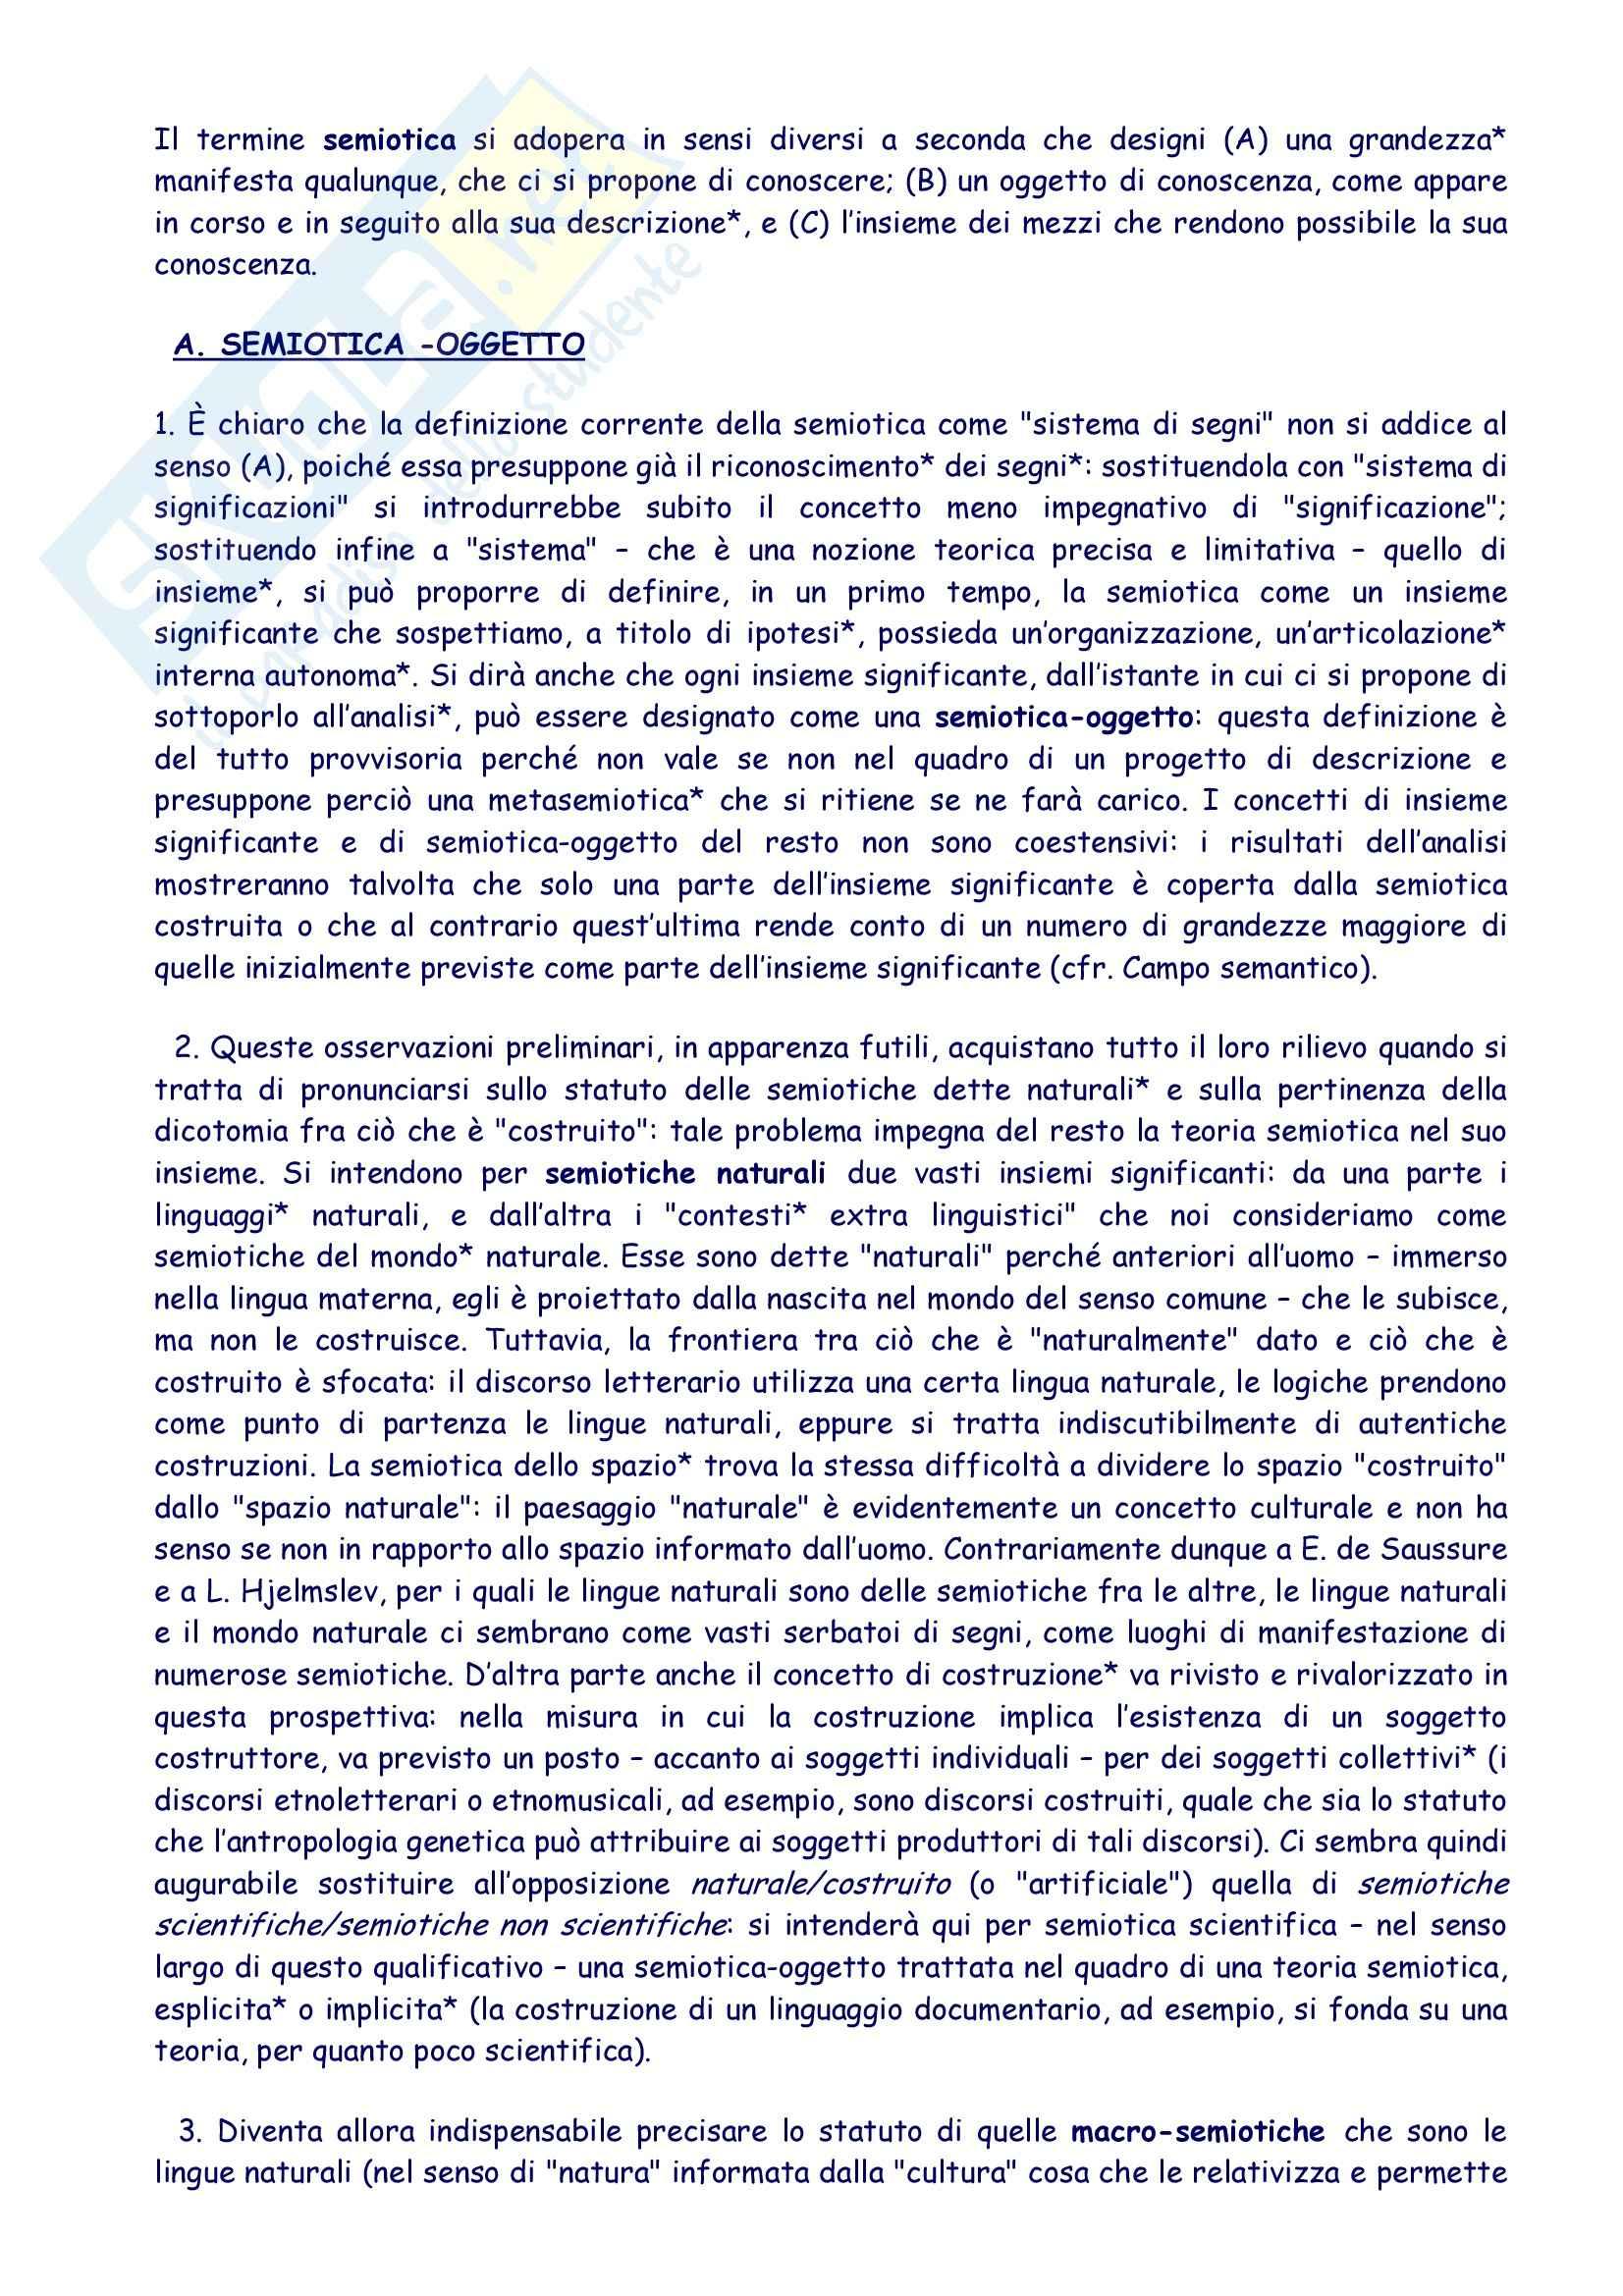 Semiotica - sunto, prof. Facchetti